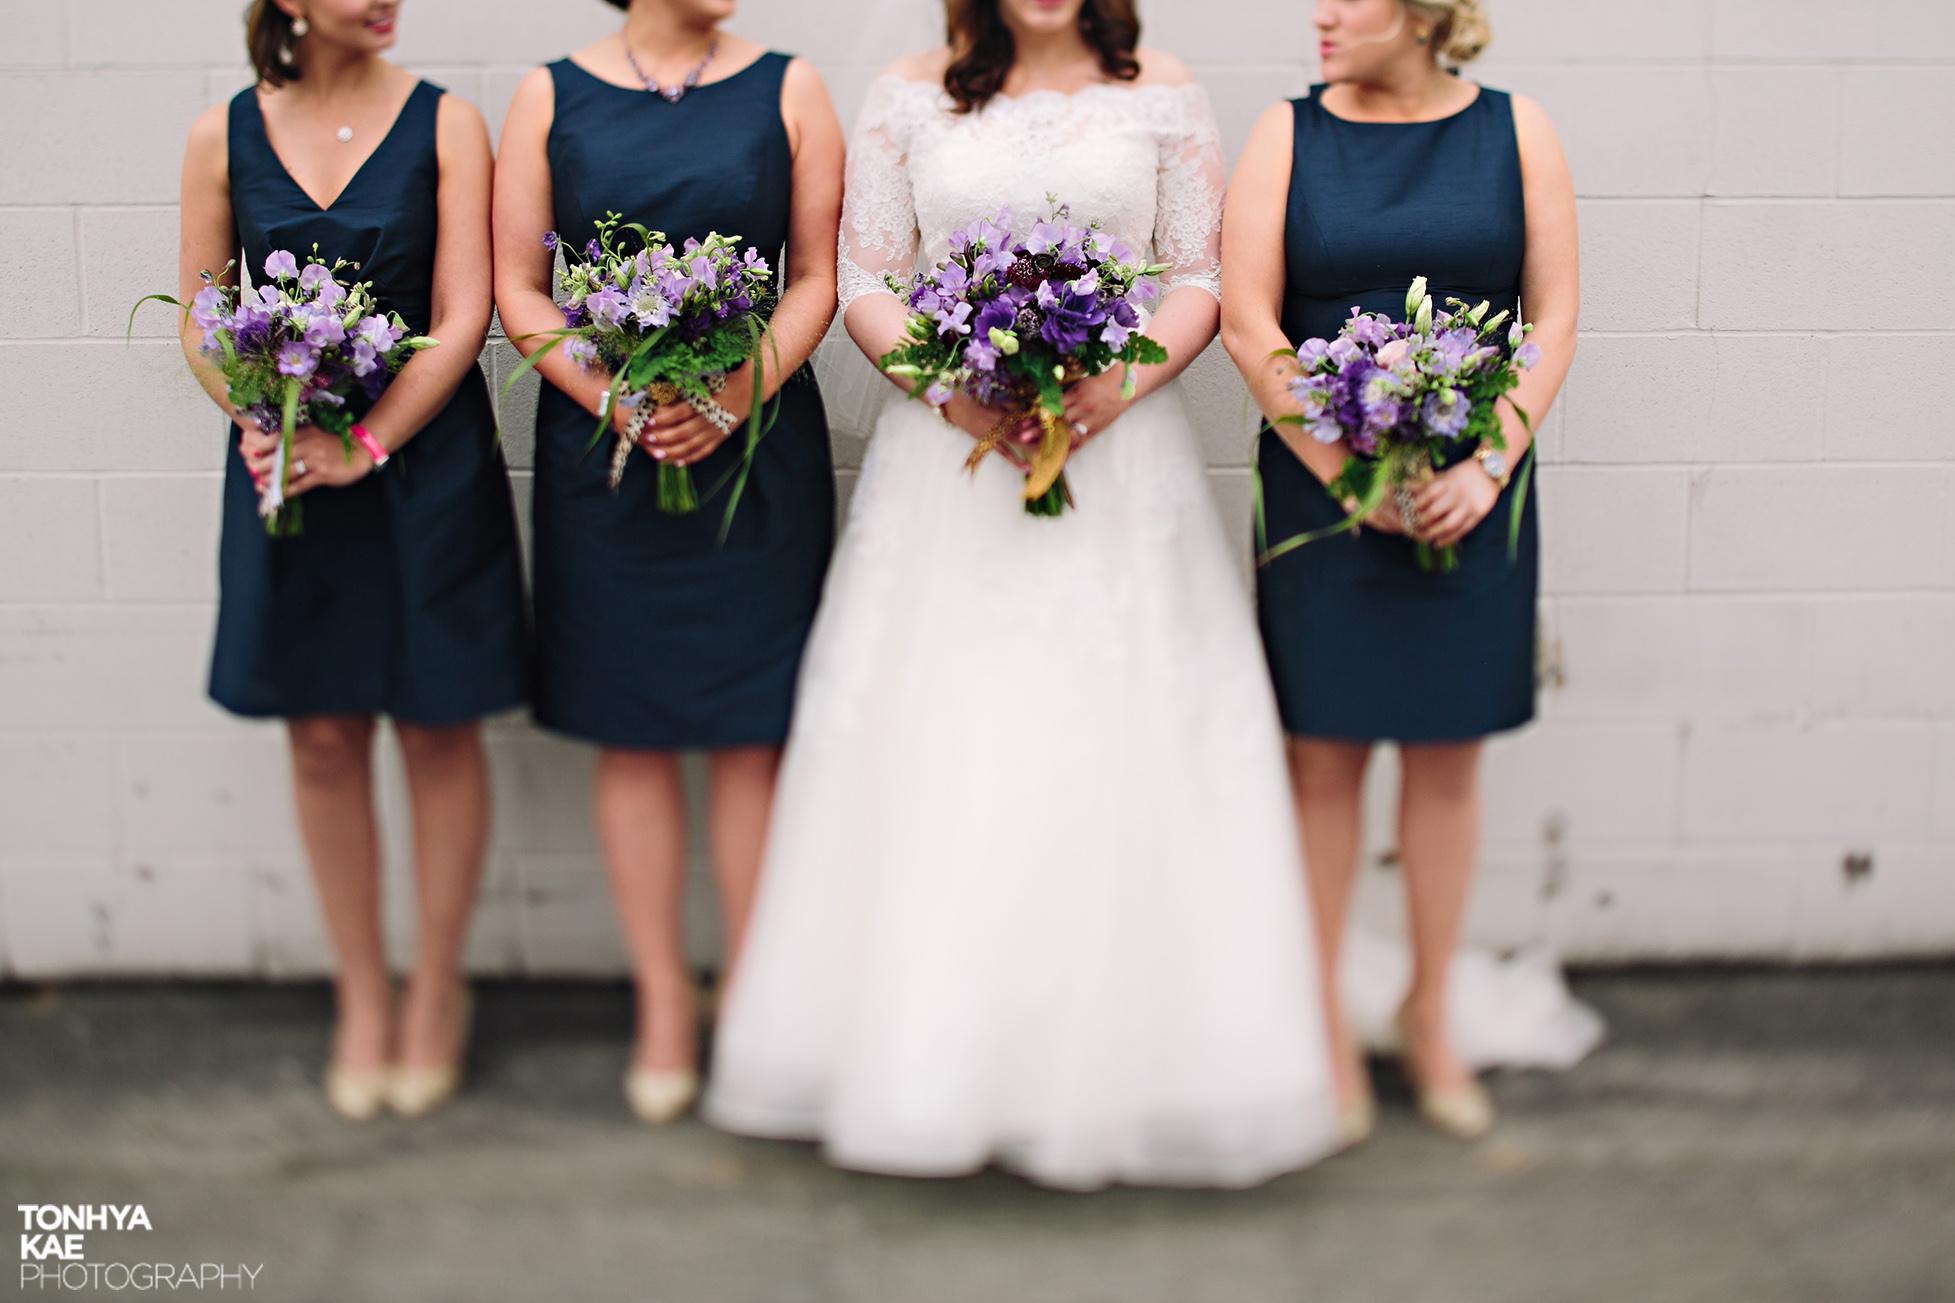 Lavender and Purple Bridesmaids Bouquets